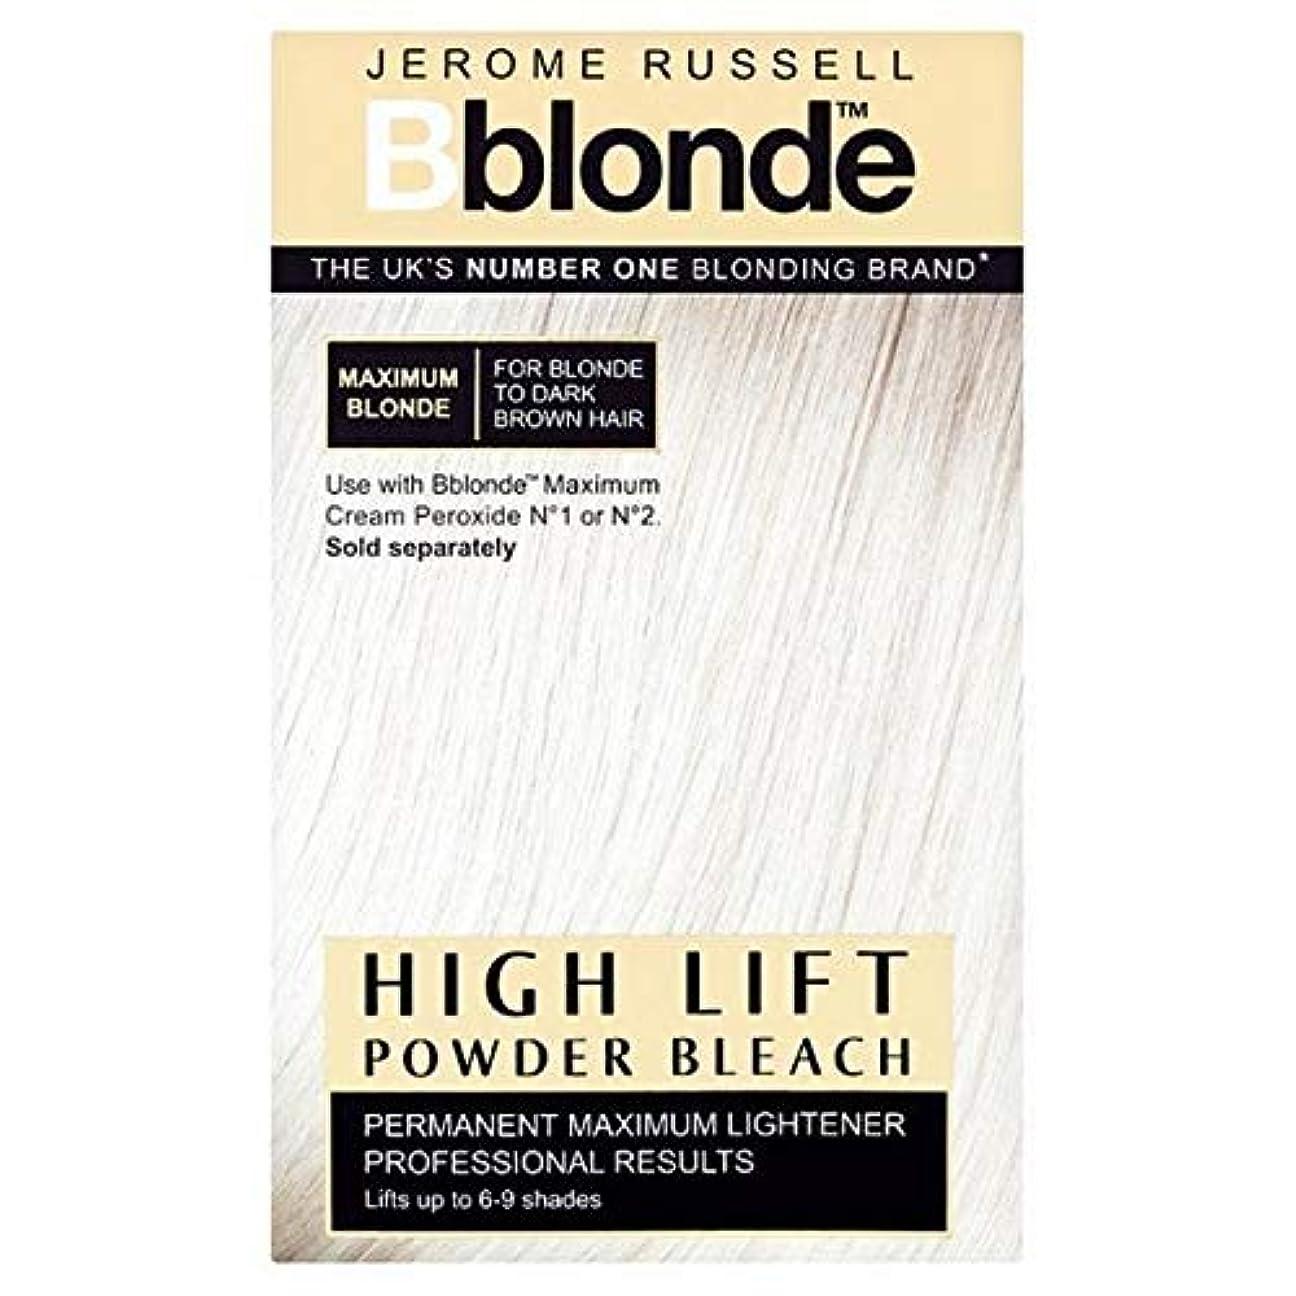 こどもの宮殿ウィスキー労苦[B Blonde] ジェロームラッセルB金髪粉末漂白剤100グラムのライトナー - Jerome Russell B Blonde Powder Bleach 100g Lightner [並行輸入品]